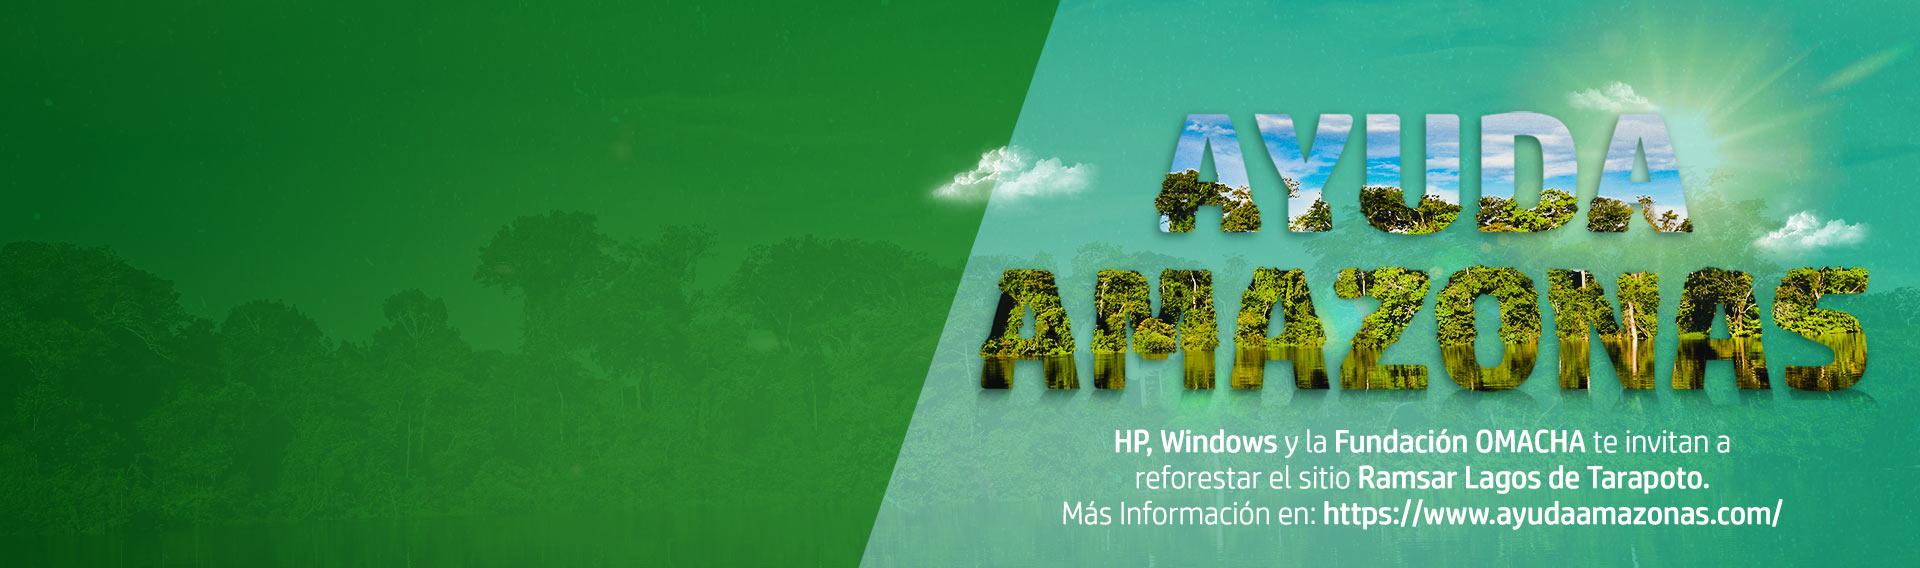 Compra portátiles premium HP y ayuda al Amazonas.